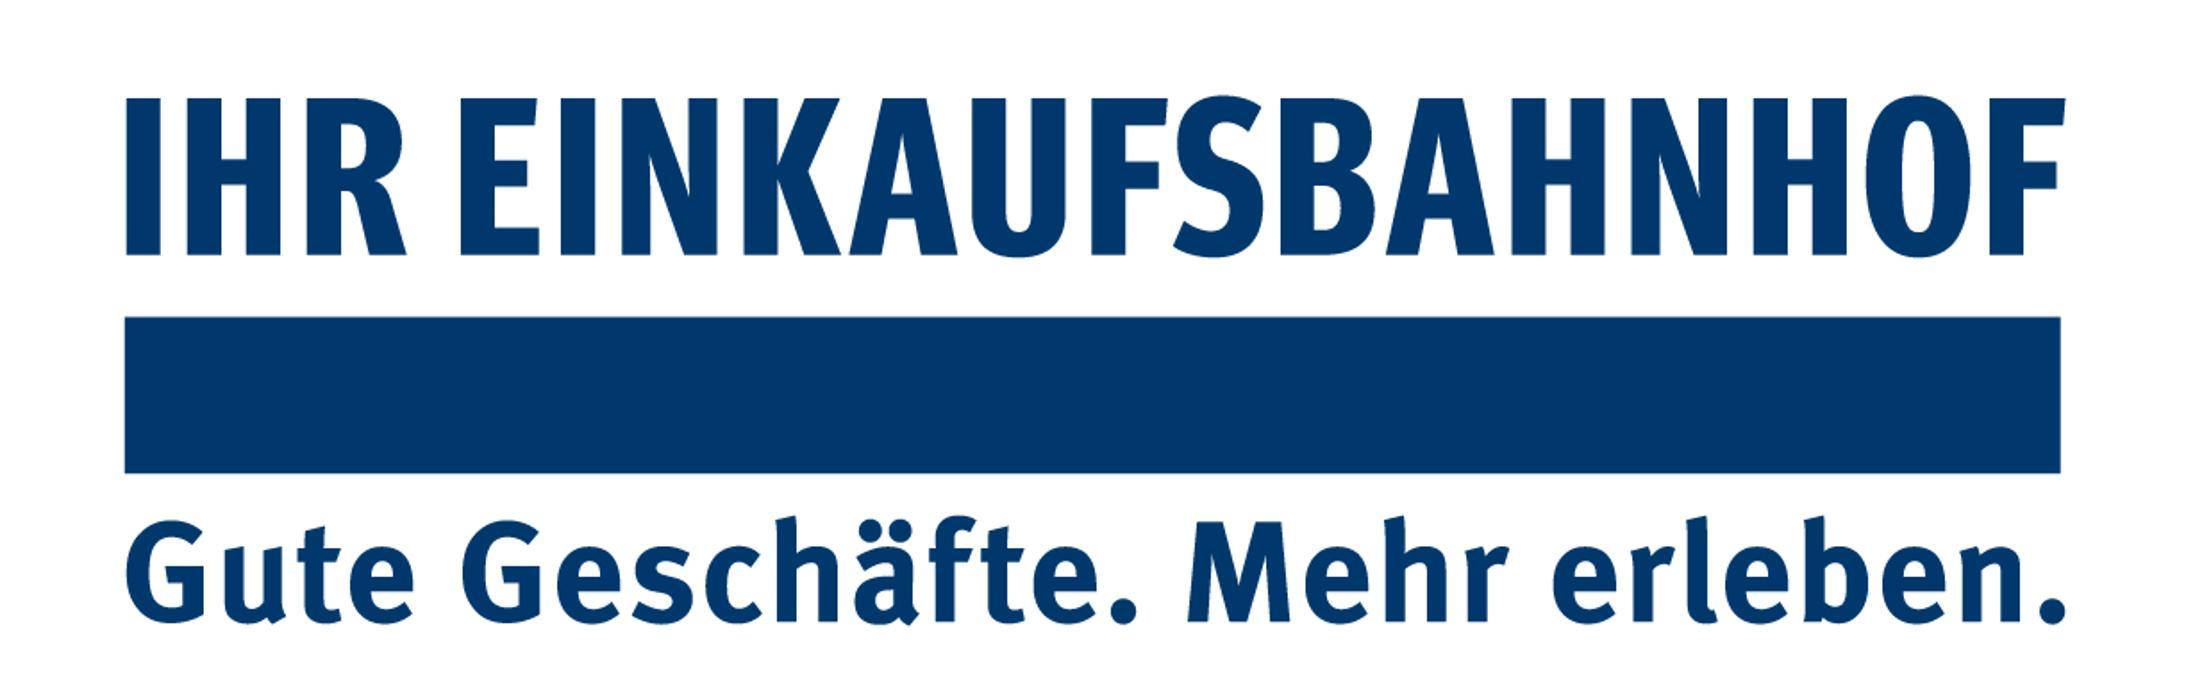 Einkaufsbahnhof Nürnberg Hbf